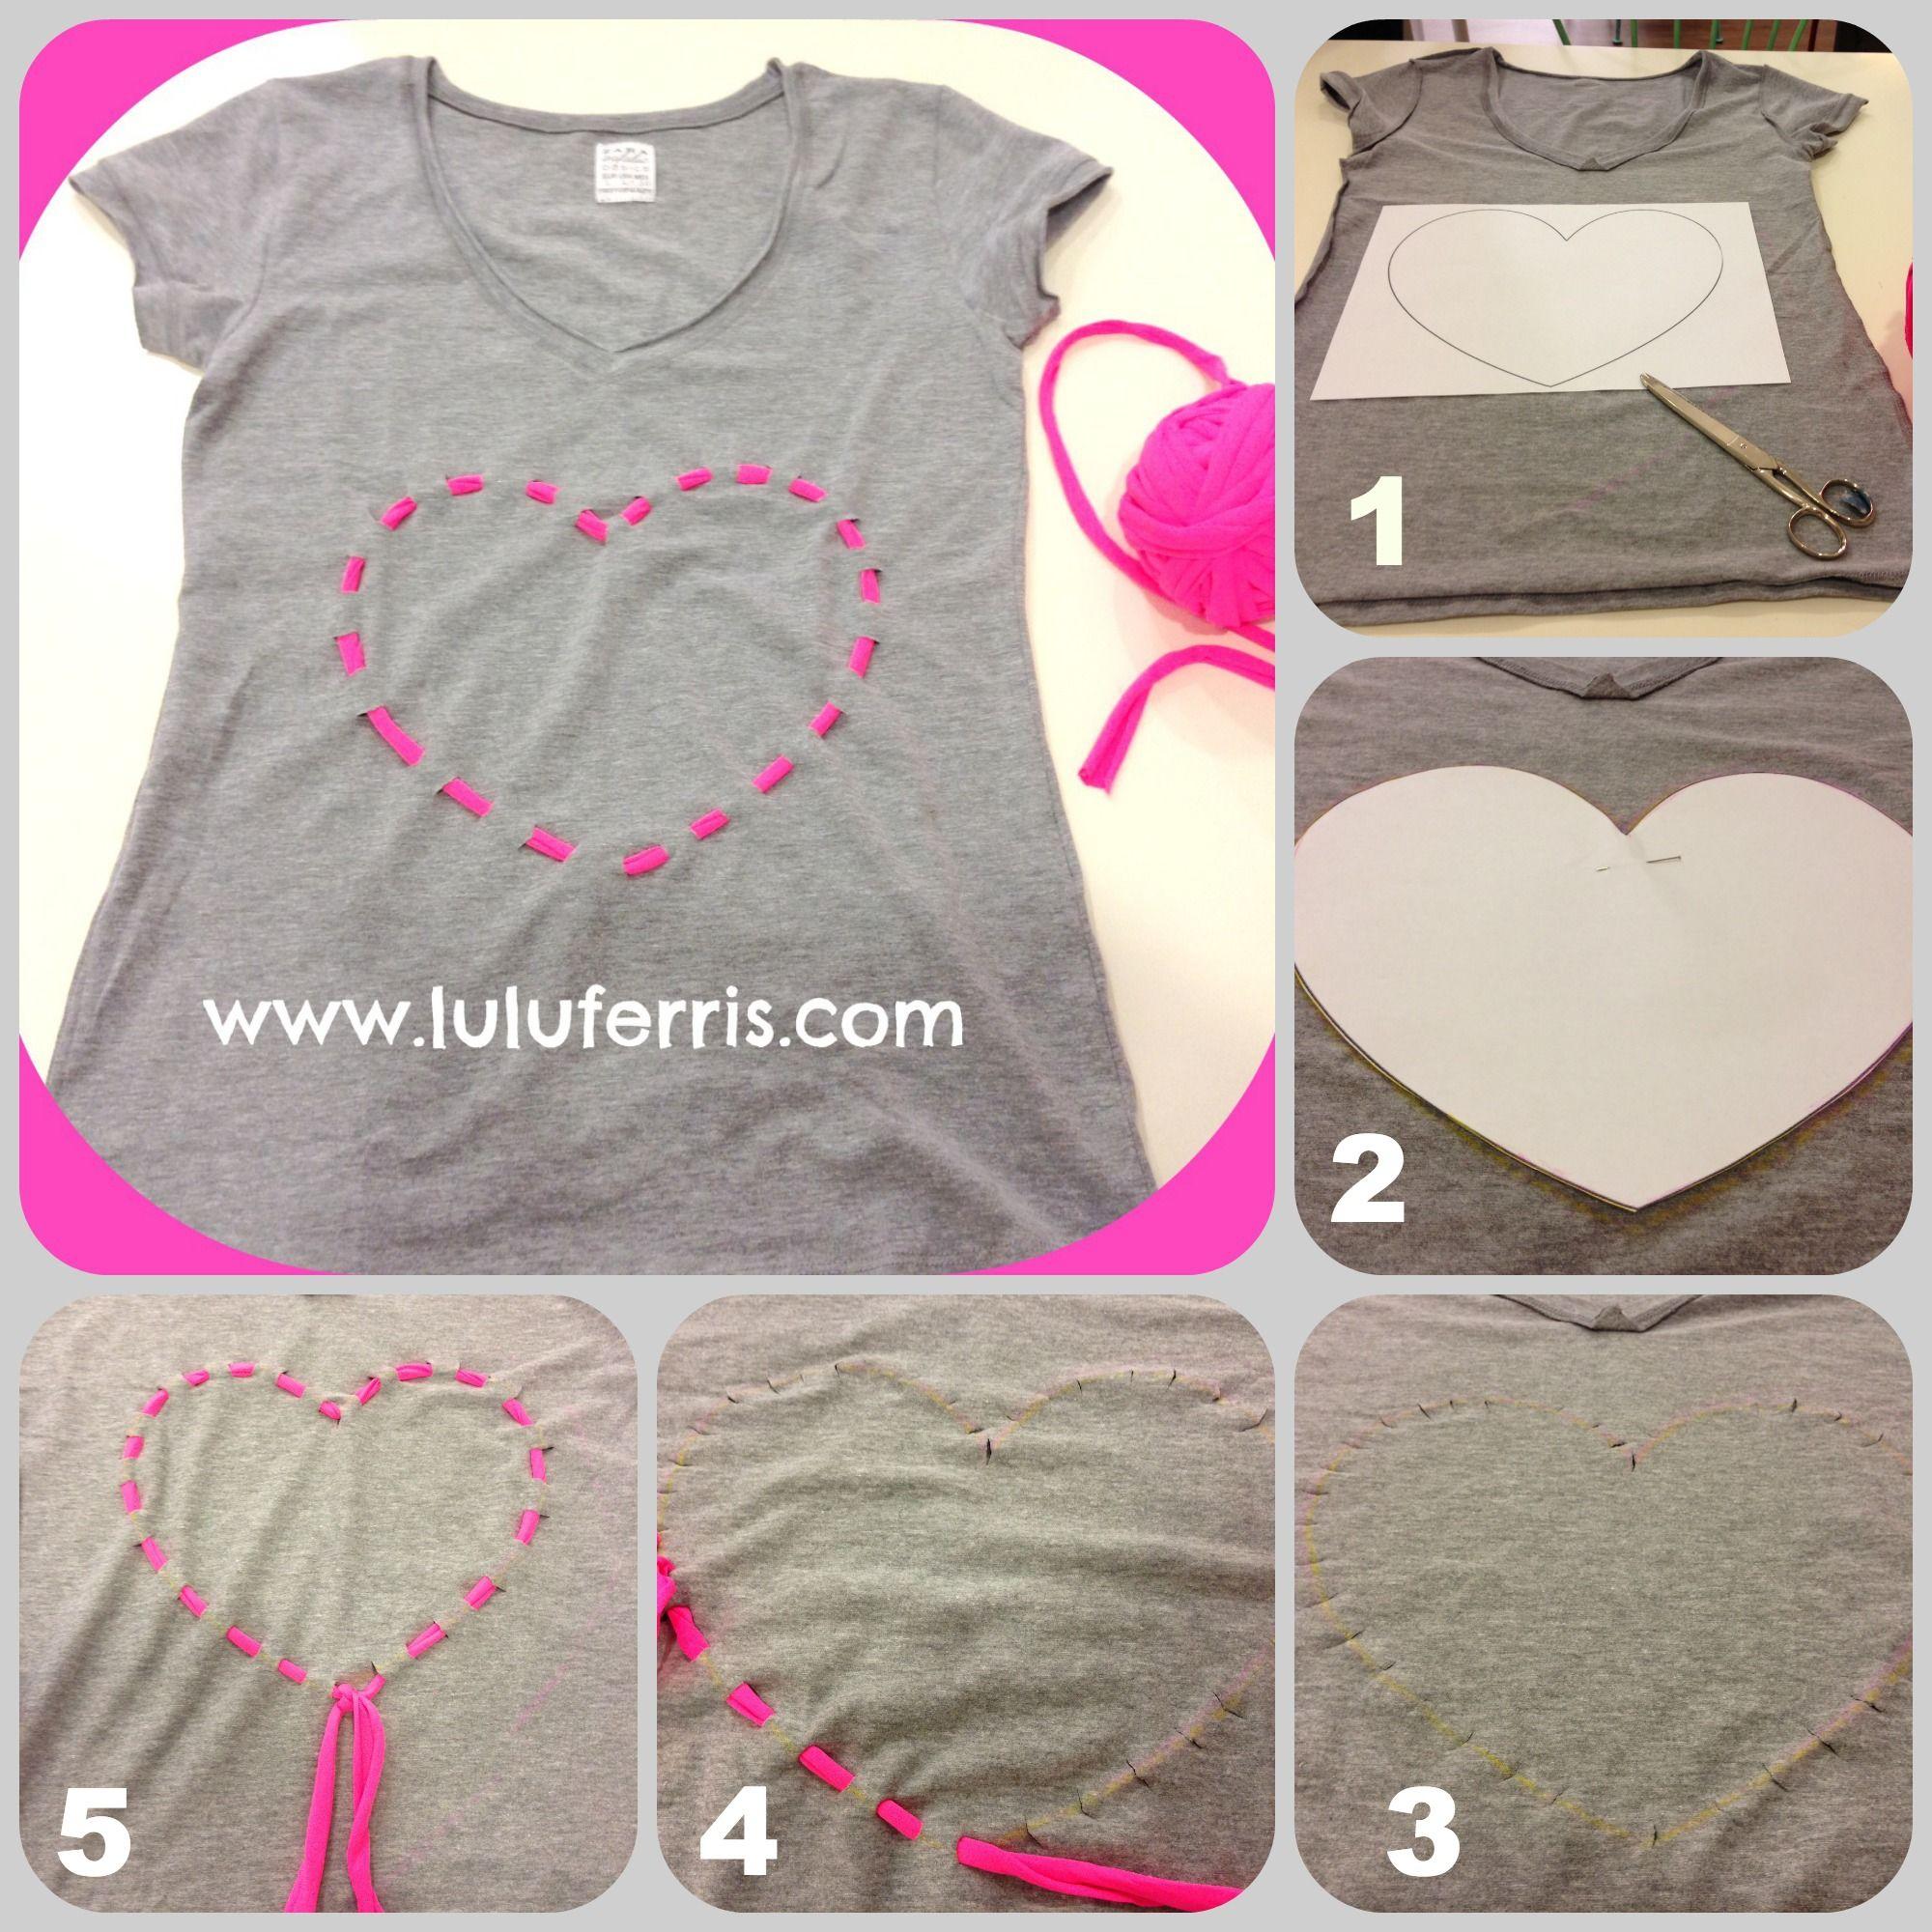 Tutorial customizaci n de camisetas con trapillo tienda talleres y cursos de manualidades - Decorar camisetas basicas ...